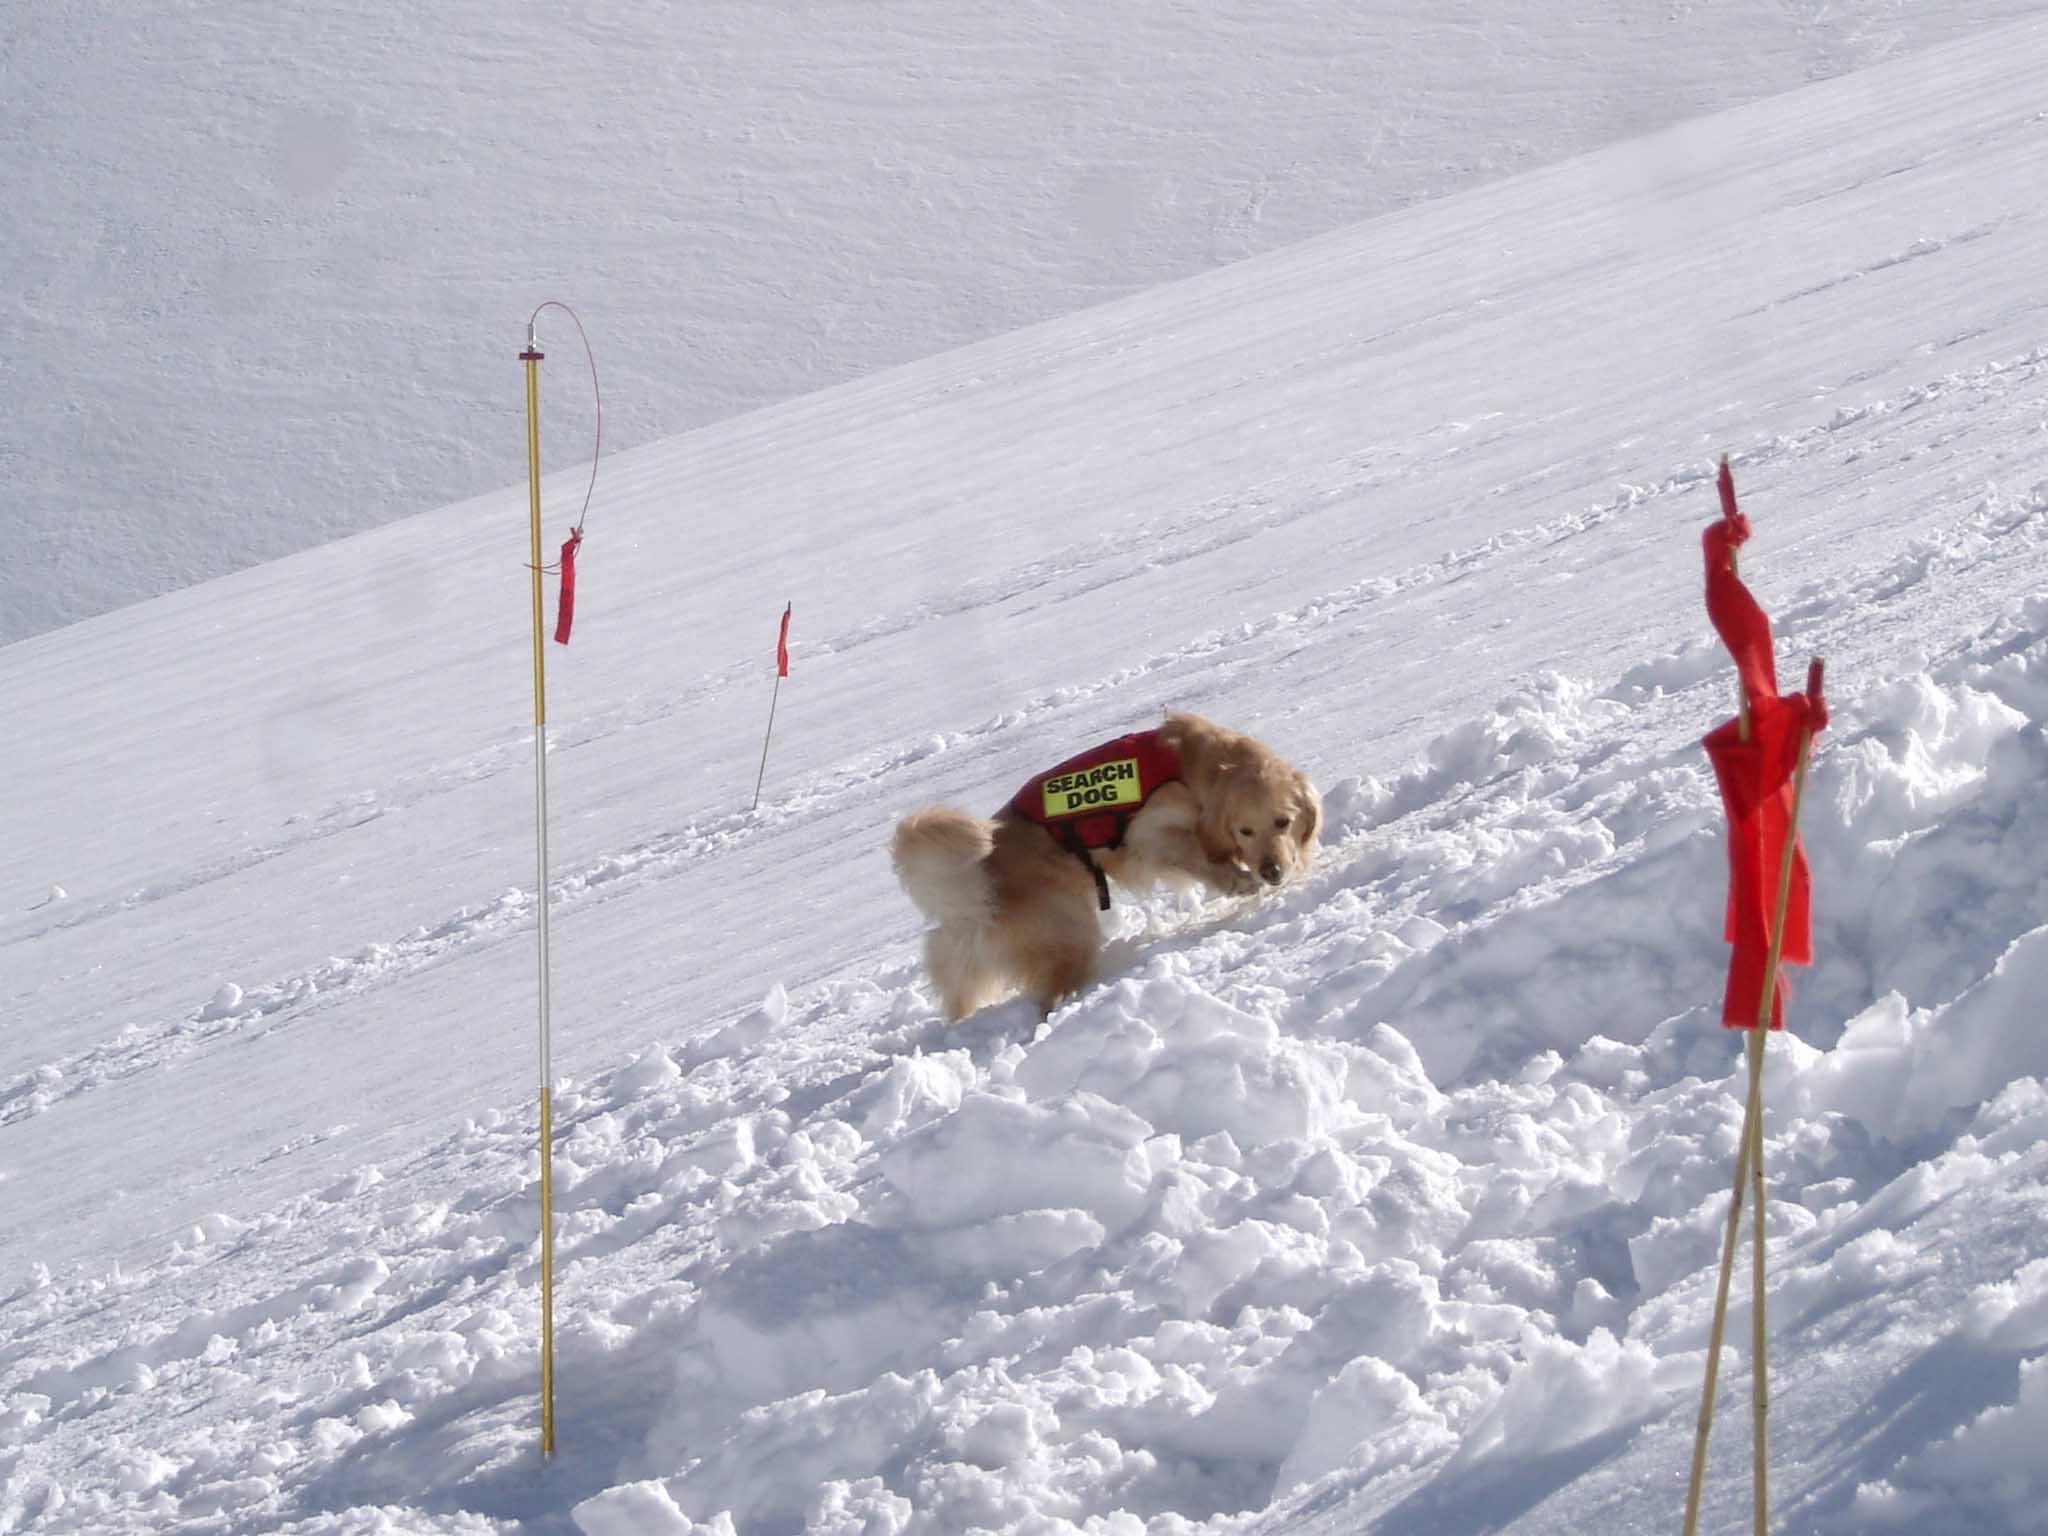 長野山岳レスキュー チャンスによる捜索①